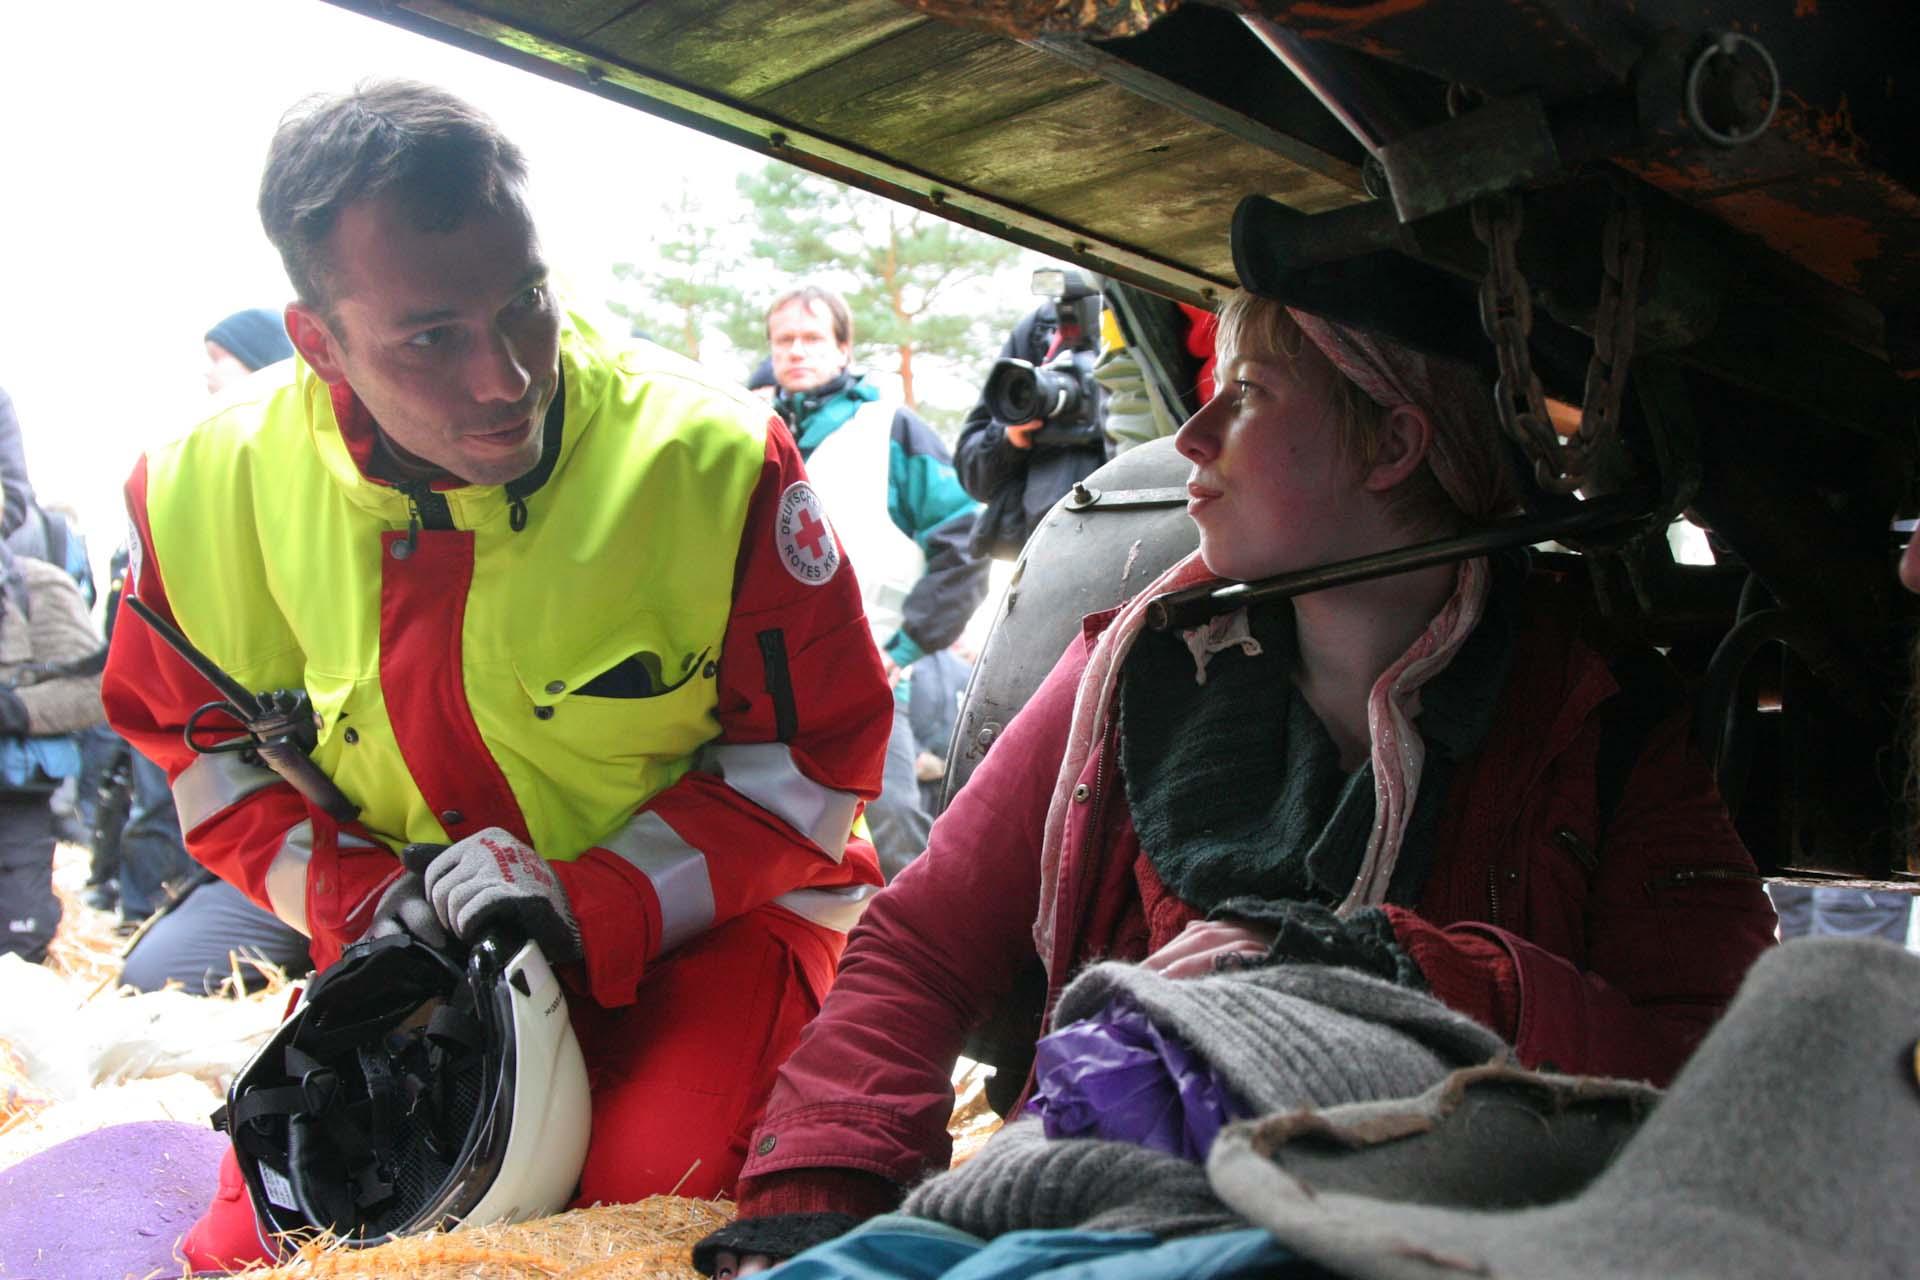 Eine junge Frau hat sich vor dem Zwischenlager mit einem Bügelschloss unter einem Wagen angeschlossen. Es dauert eine Stunde bis Spezialisten das Schloss öffnen können. So lange wird sie von Sanitätern versorgt.